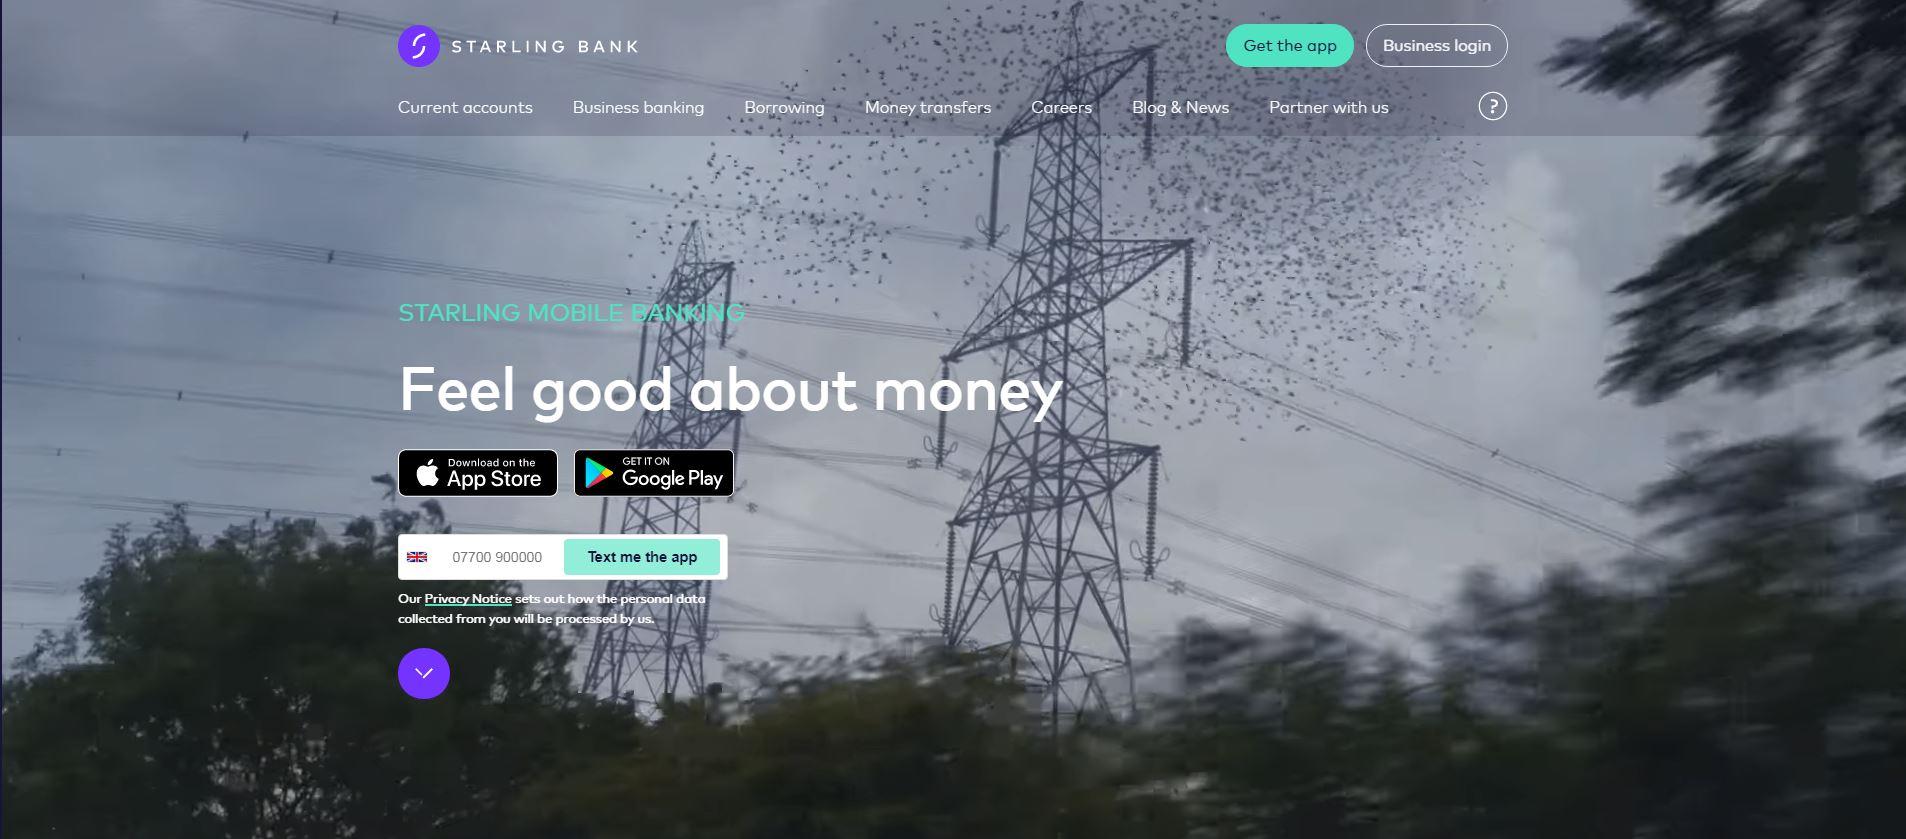 Starling's website homepage